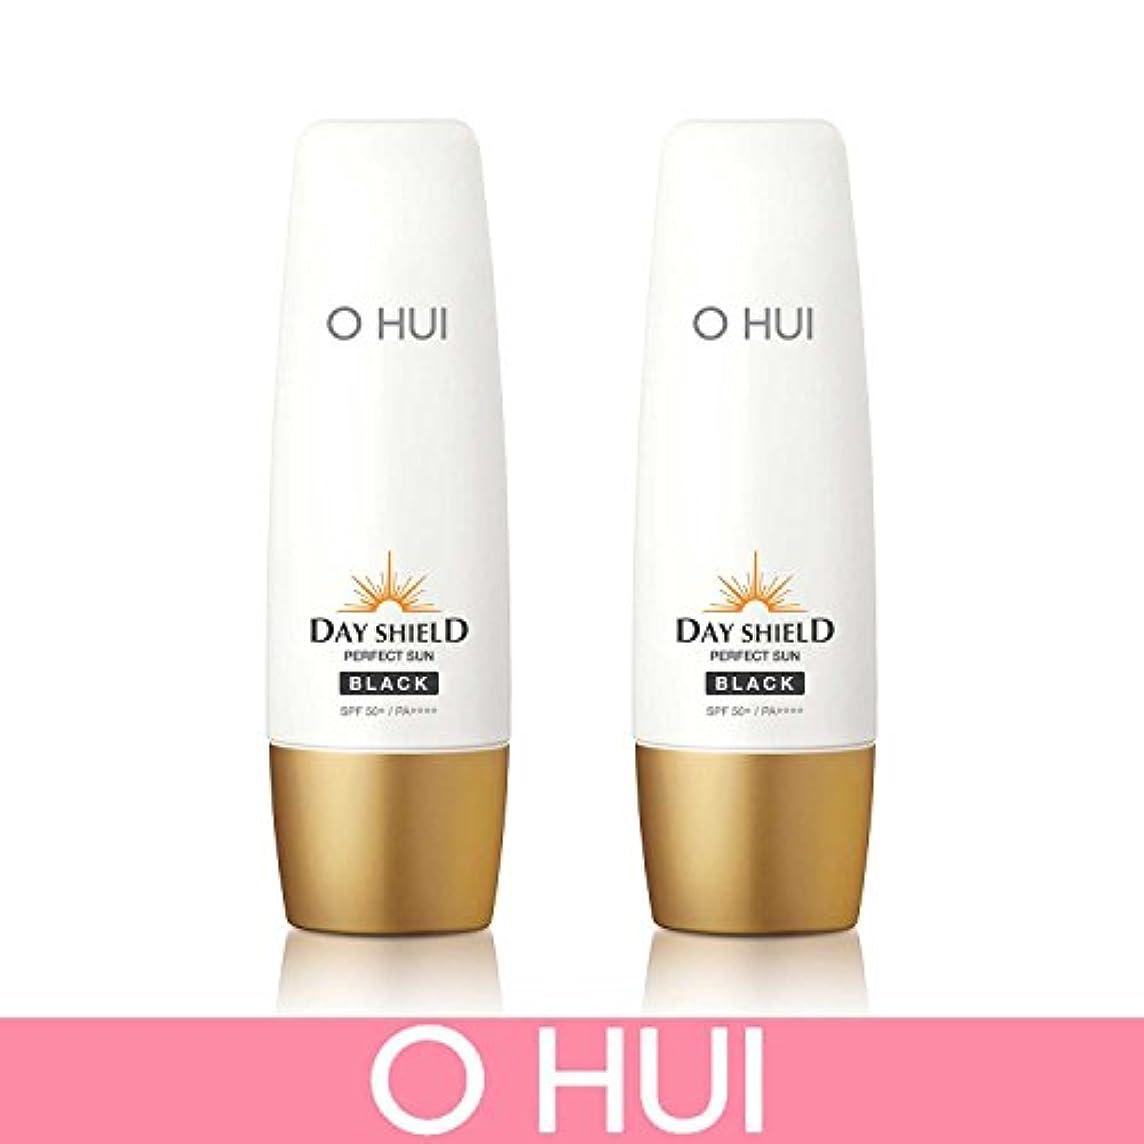 謝る放棄するチート[オフィ/ O HUI]韓国化粧品 LG生活健康/ ERFECT SUN BLACK DUO /日焼け止め (SPF50+/PA+++) 50ml +50ml +[Sample Gift](海外直送品)